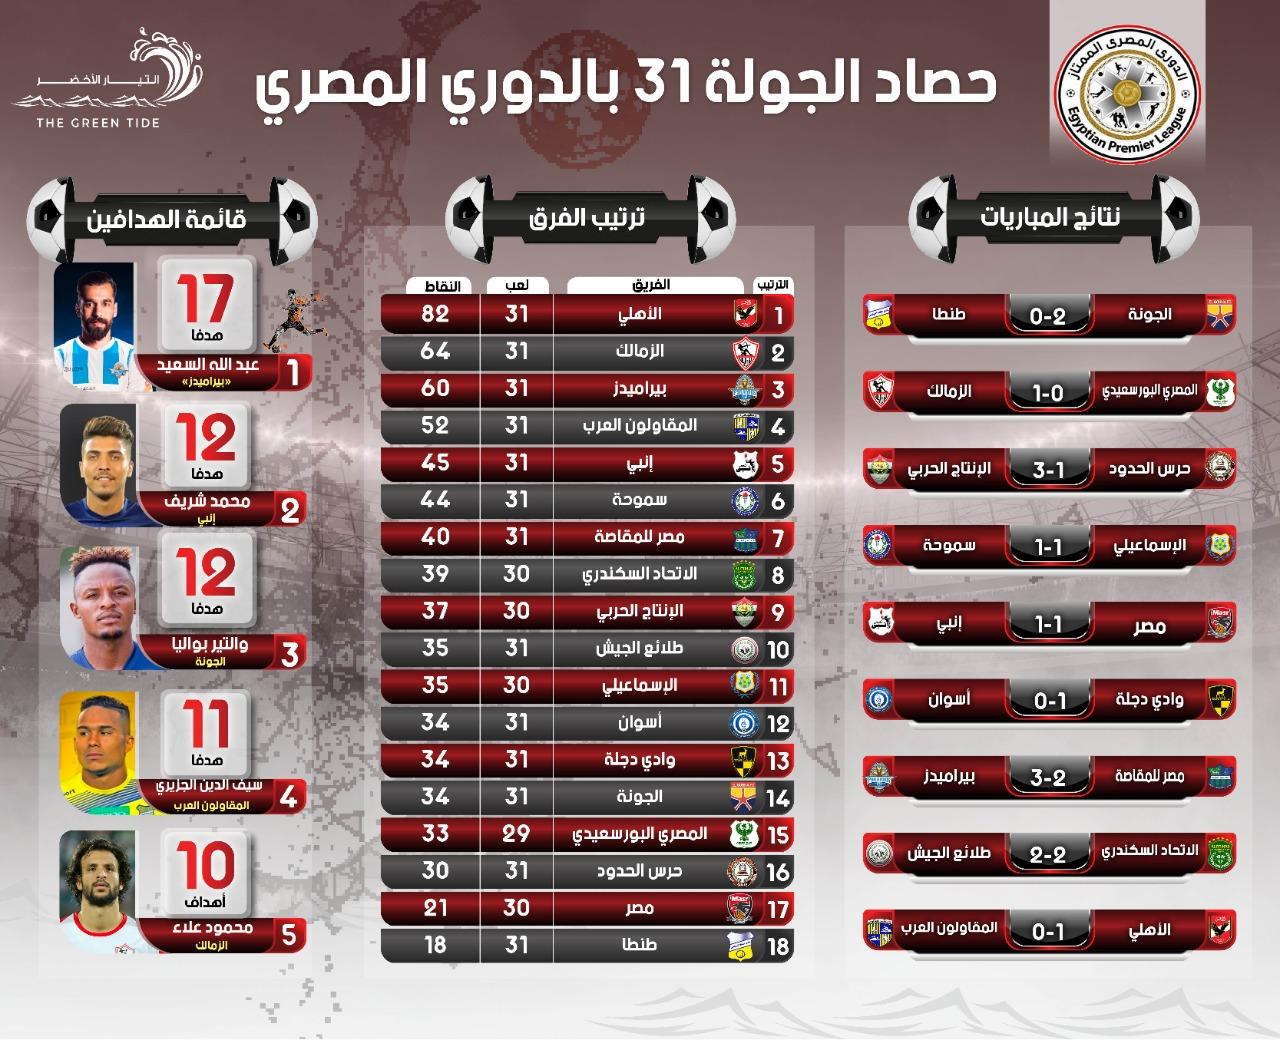 حصاد الجولة 31 من الدوري المصري